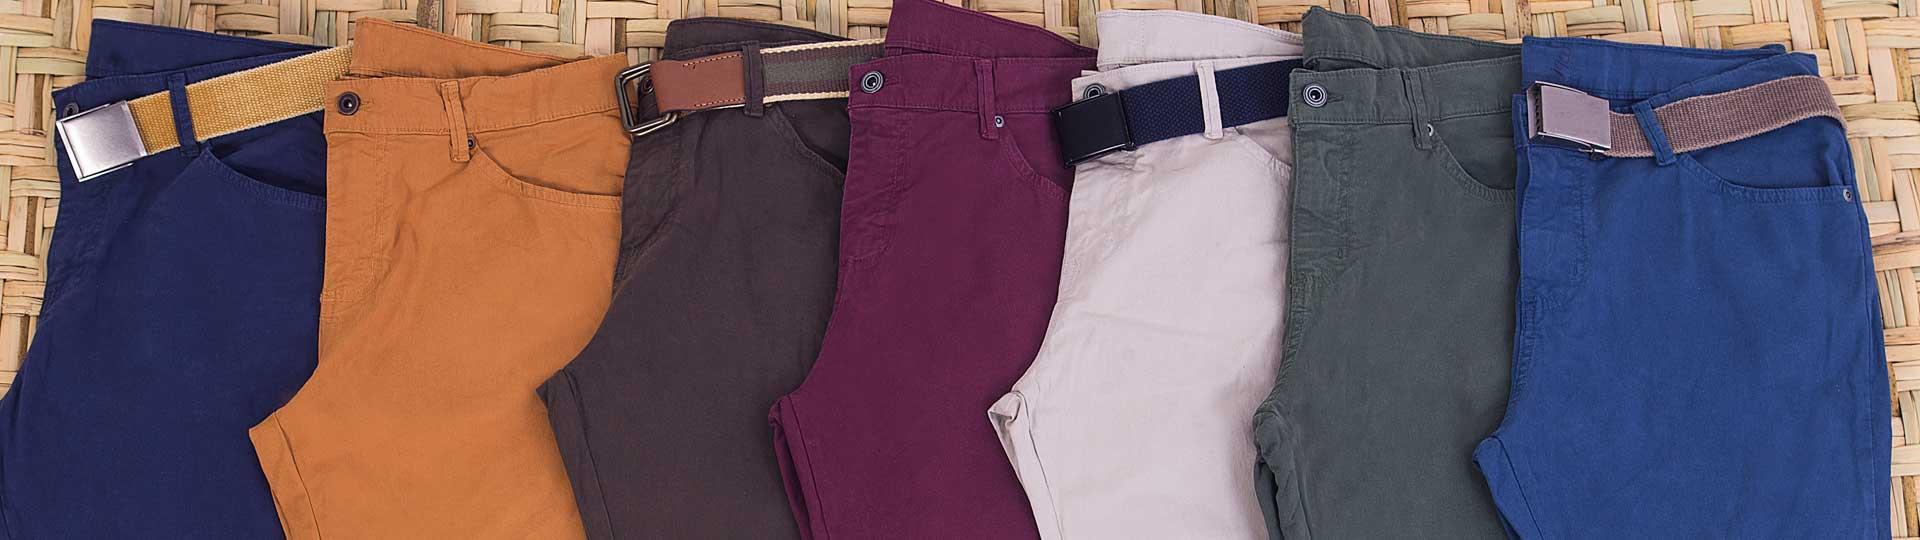 Pantalones Y Bermudas Hombre Moda Almacenes Si